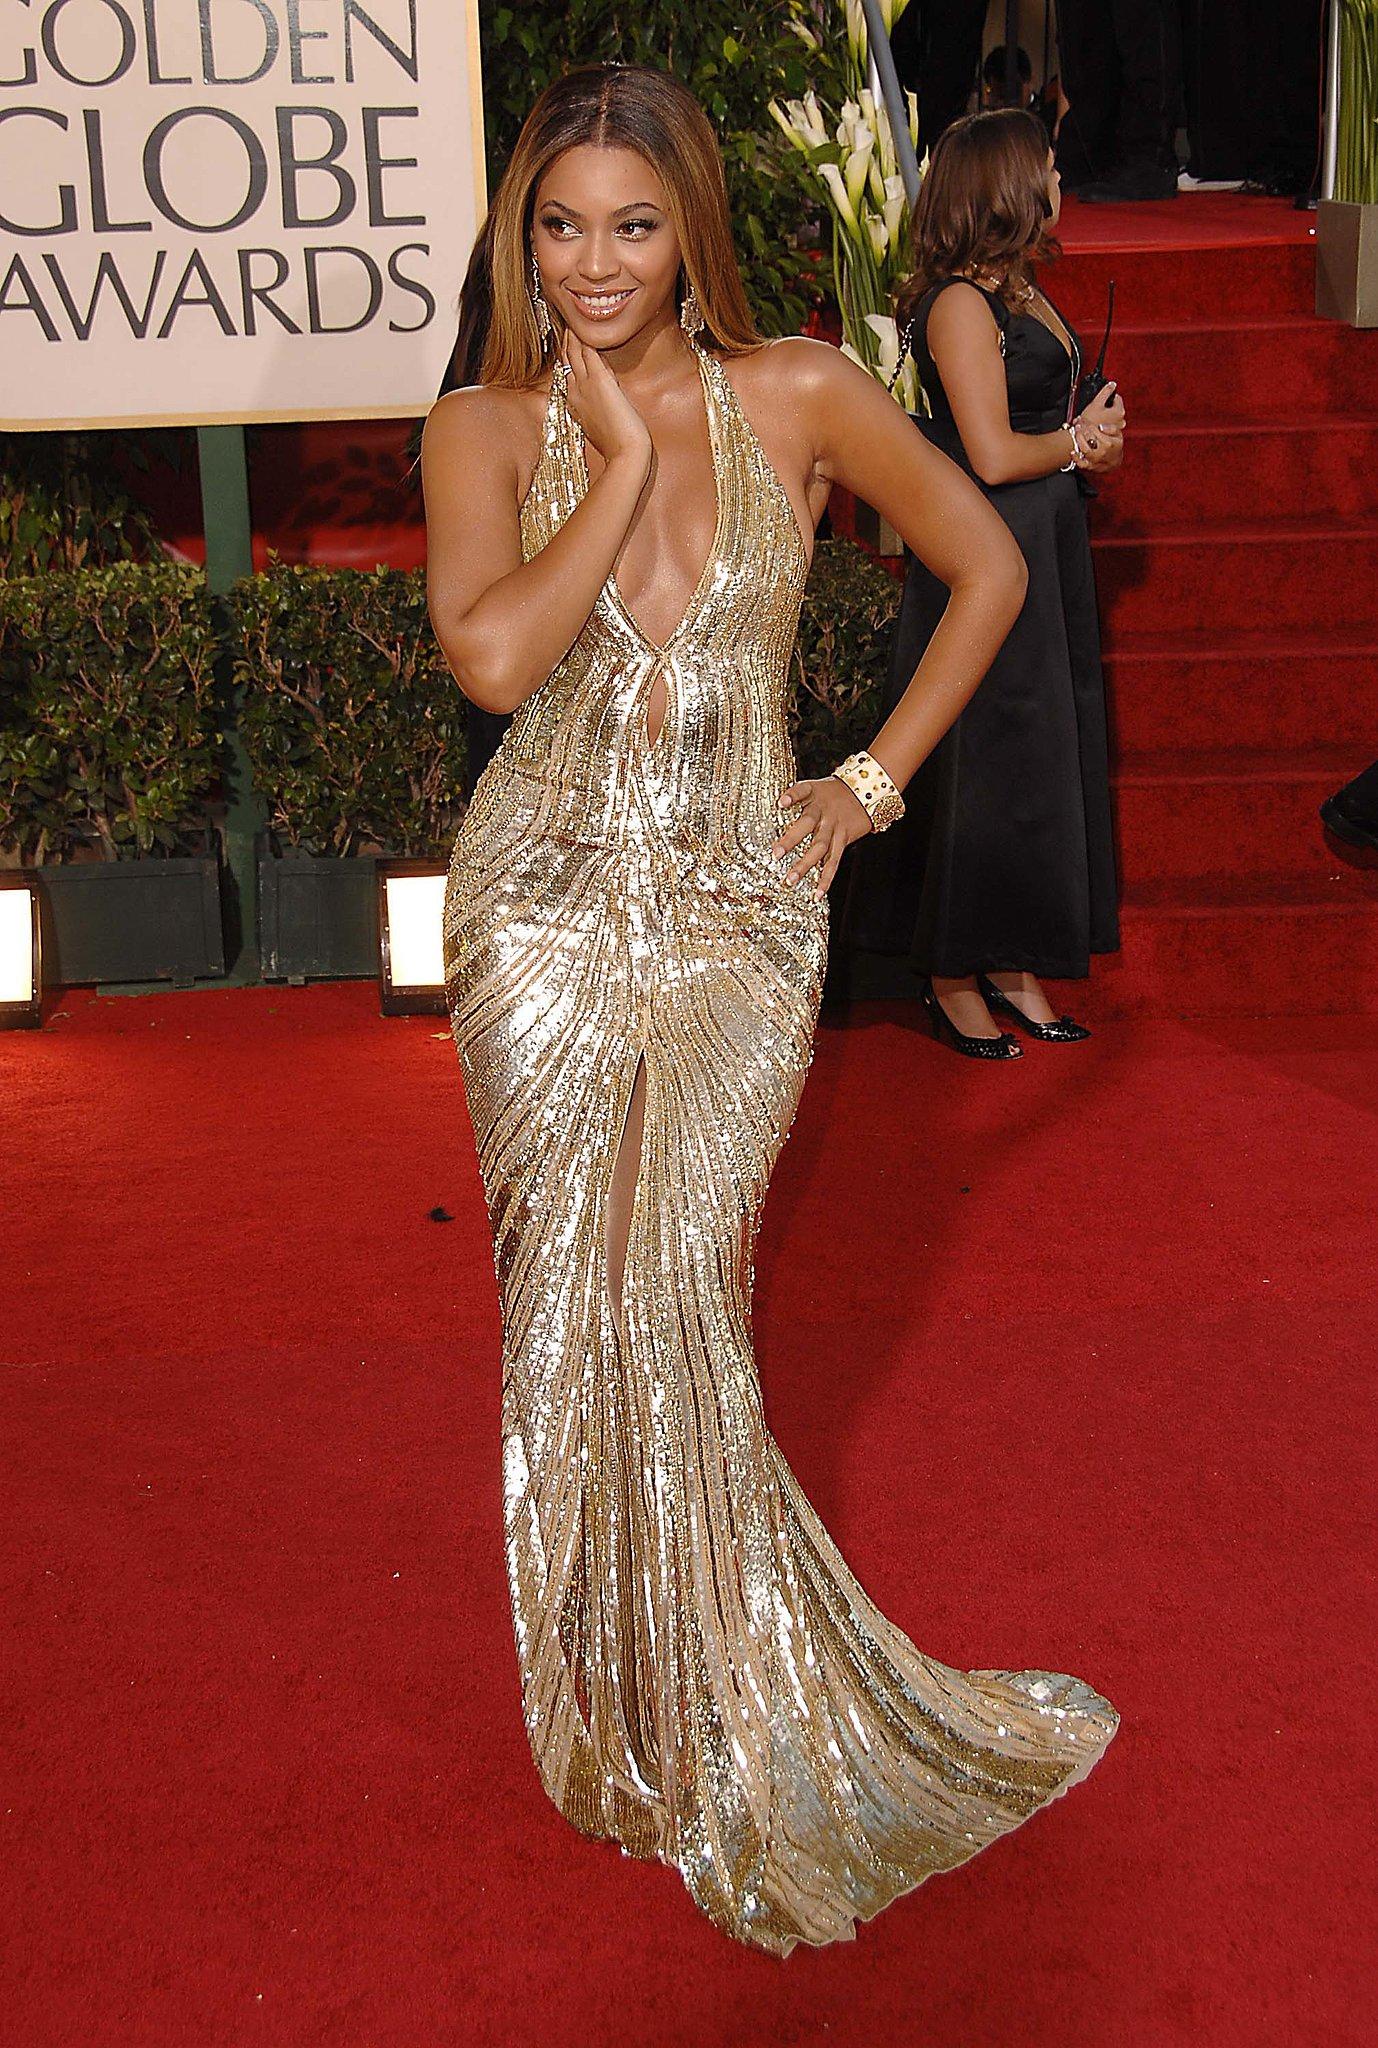 2007, Golden Globe Awards